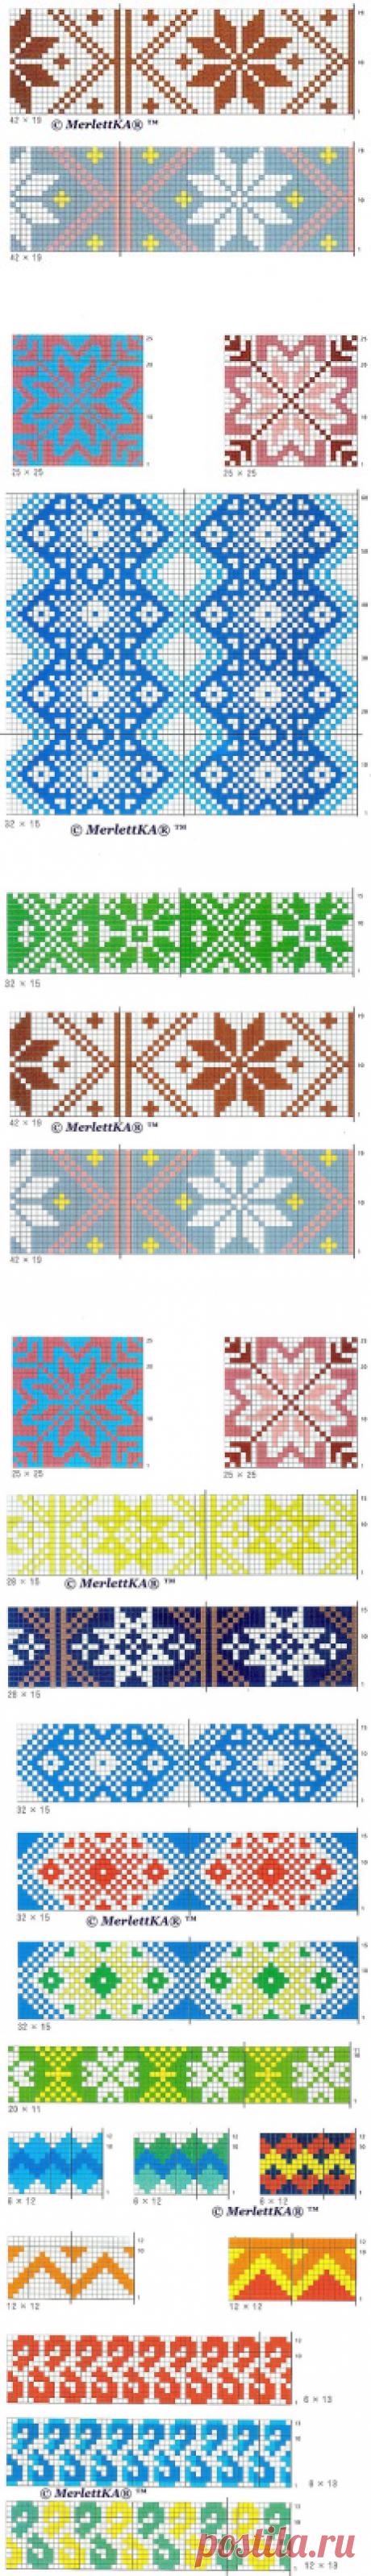 Жаккард мотивы для вязания и рукотворчества ( 66+73+86 штук )